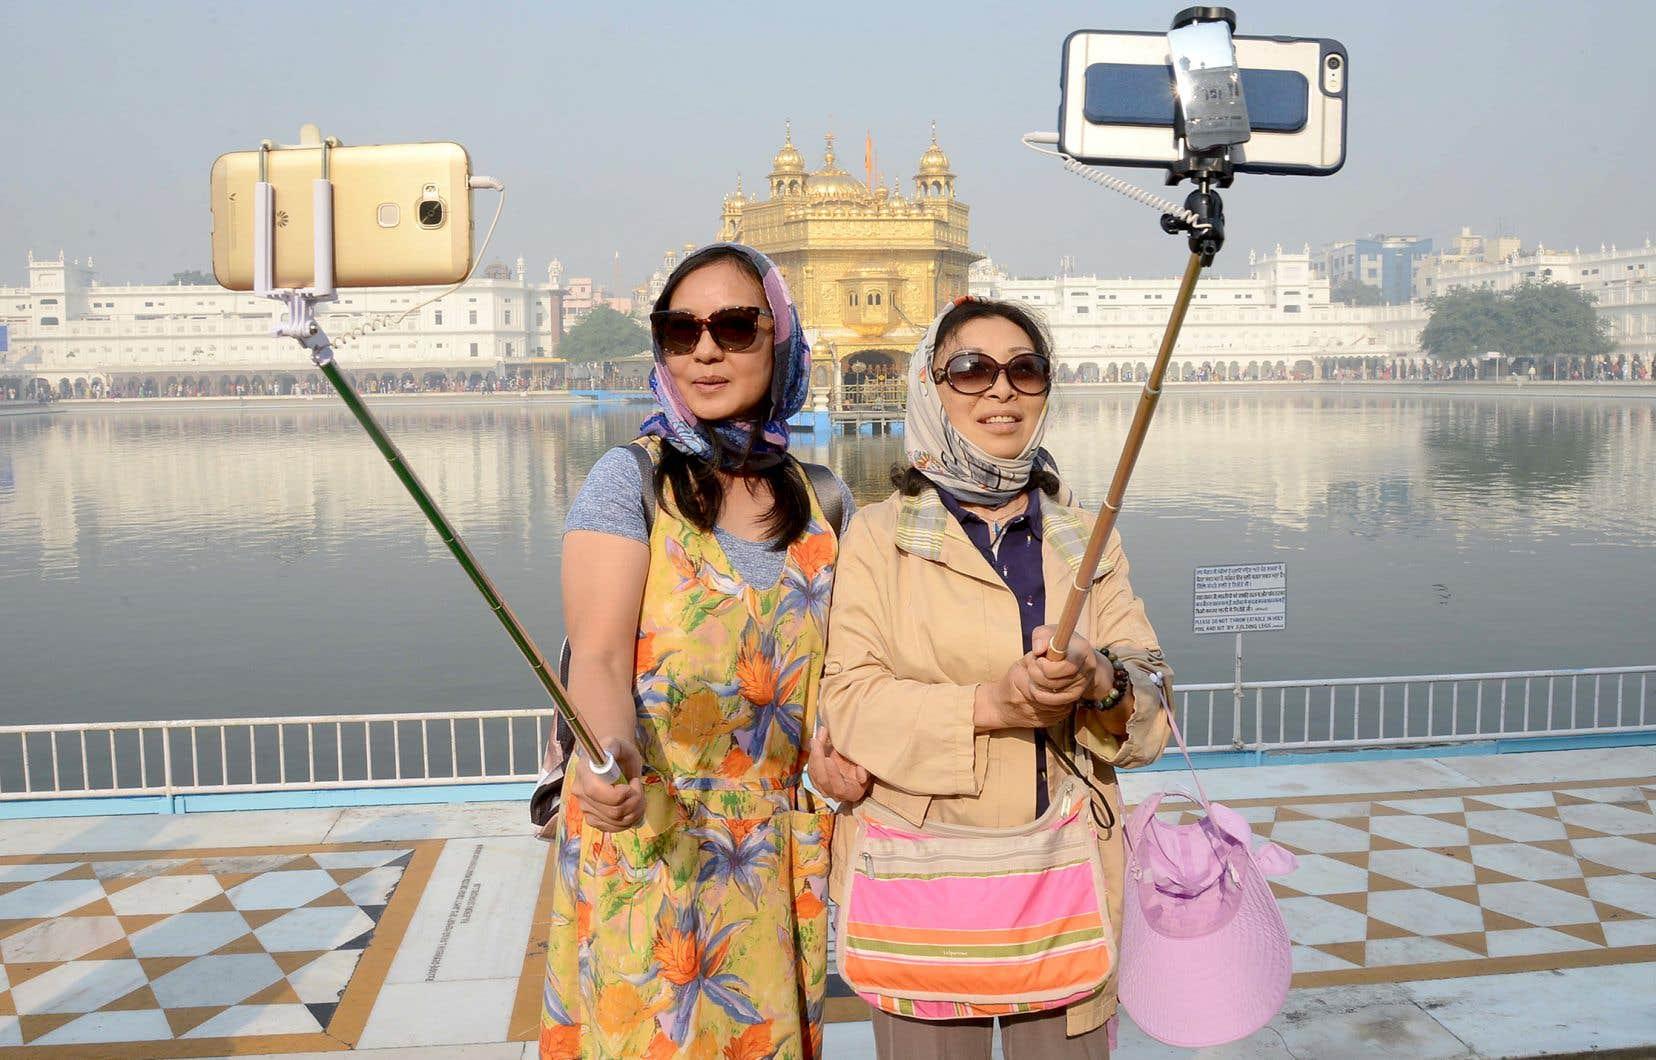 Deux touristes chinoises à Amritsar, en Inde. Une des mégatendances en tourisme sera le doublement des dépenses de la classe moyenne de 2015 à 2030, mais qui sera de plus en plus issue des économies émergentes, comme la Chine et l'Inde, et qui demandera qu'on s'adapte à ses intérêts et à ses besoins.